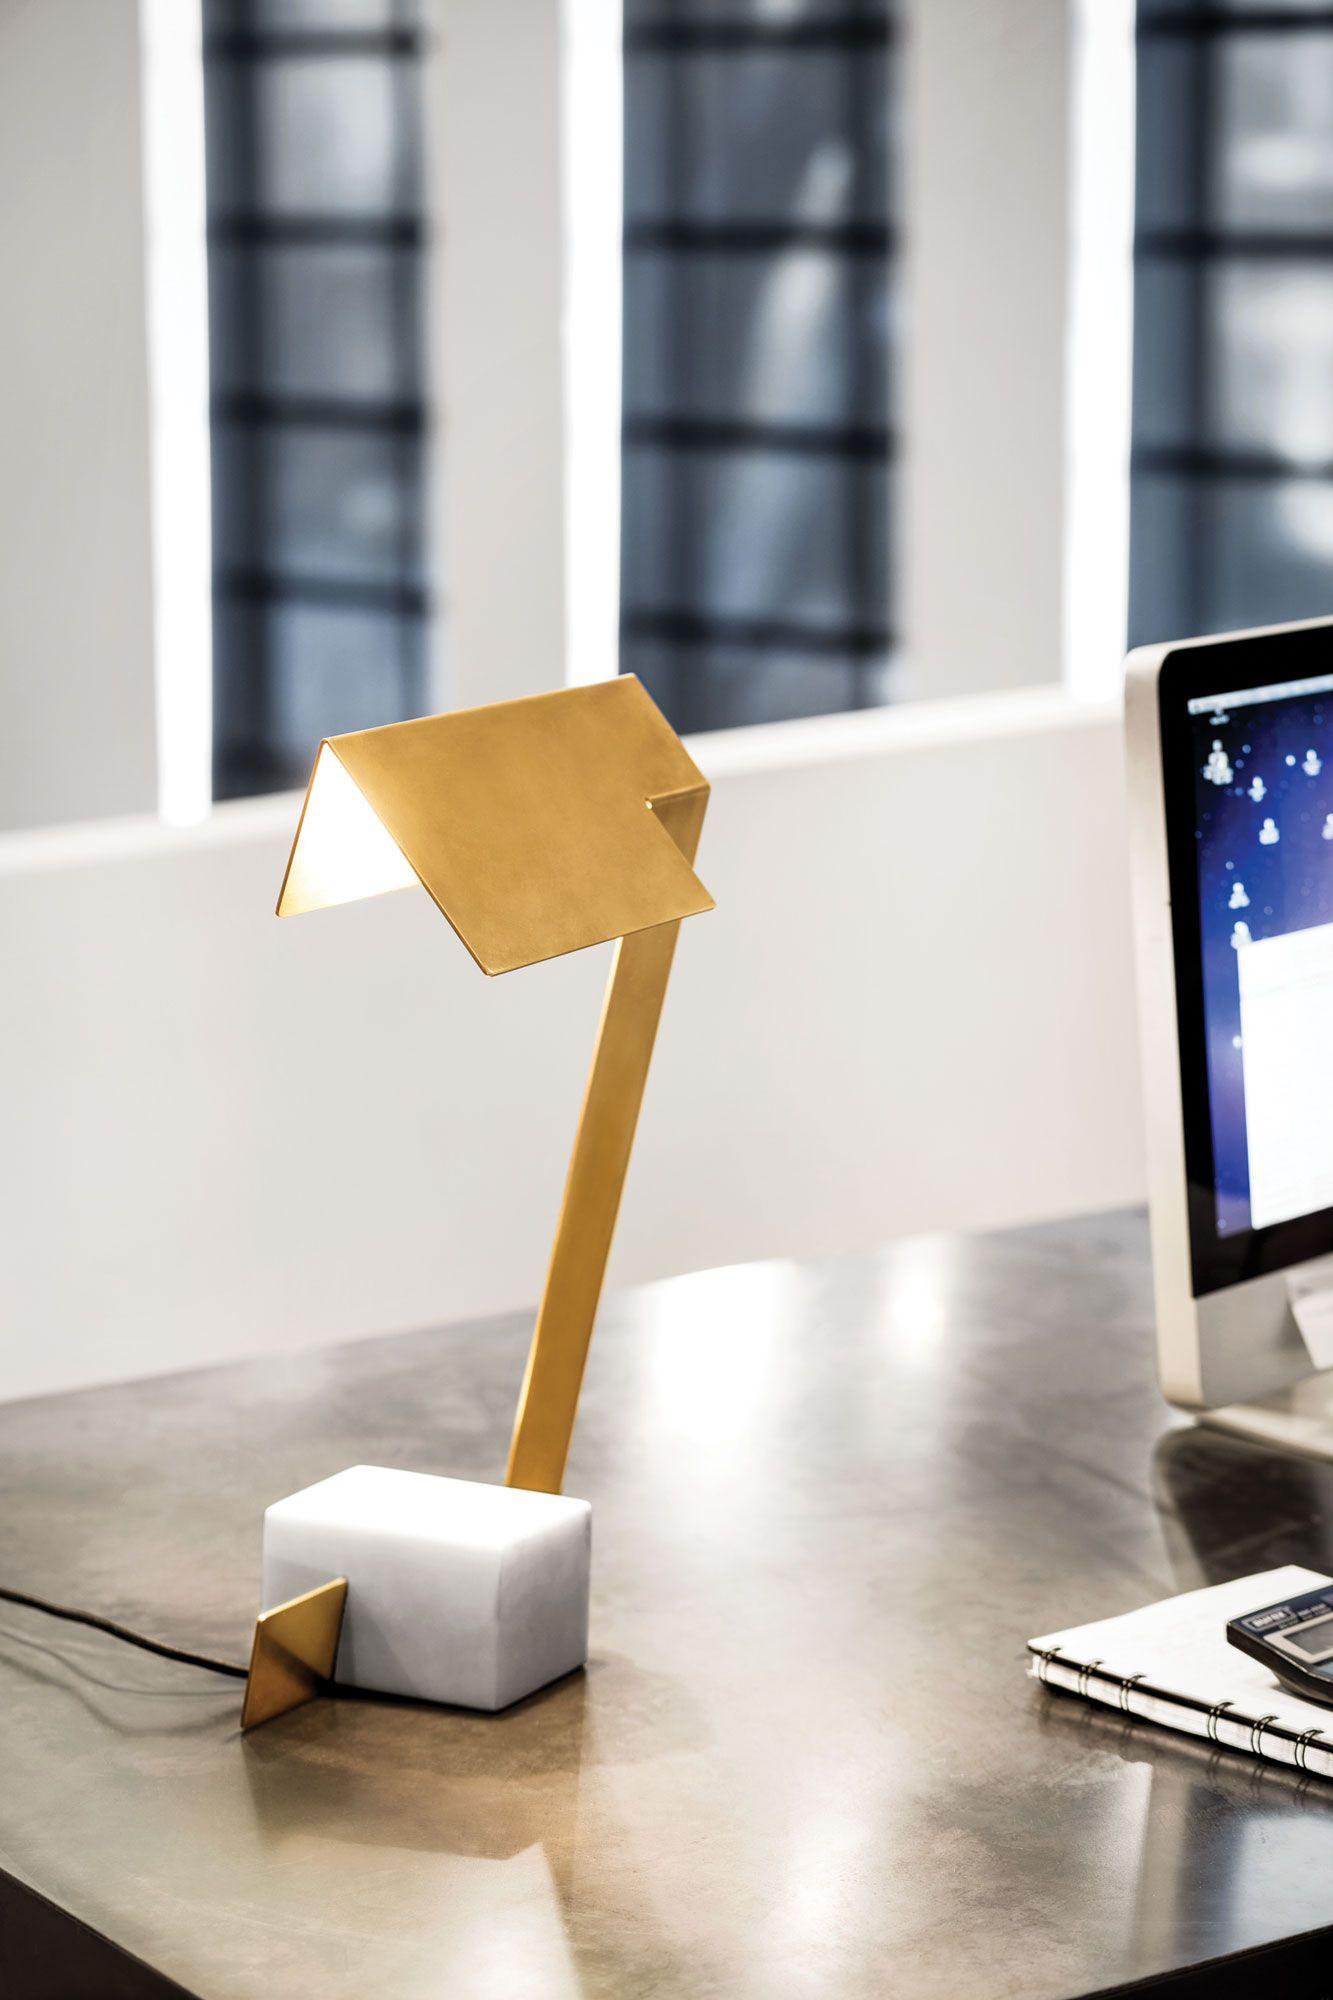 Lambert fils clark from 51000 pricing in us desk lamp brass lambert fils clark from 51000 pricing in us desk lamp brass powder keyboard keysfo Gallery